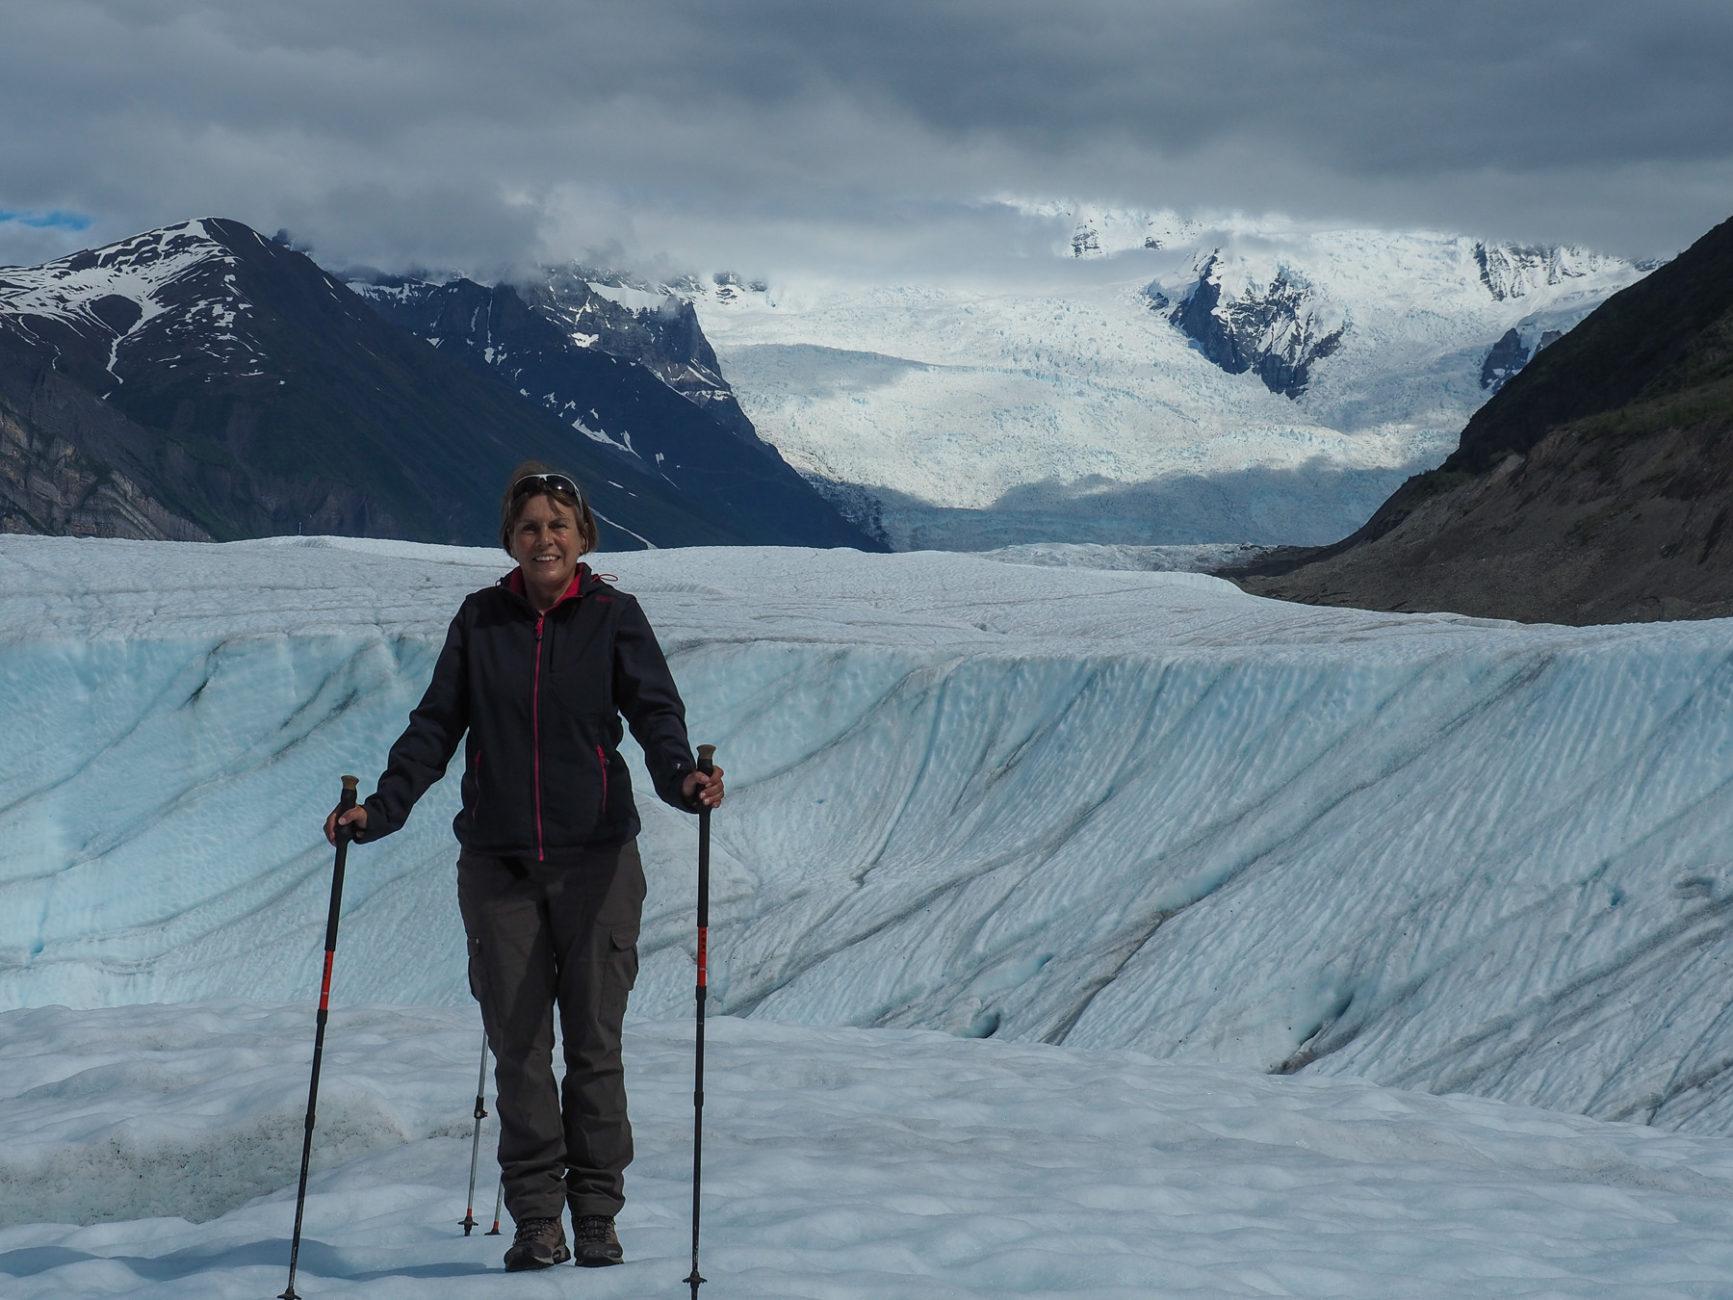 man kann gut auf dem Eis laufen